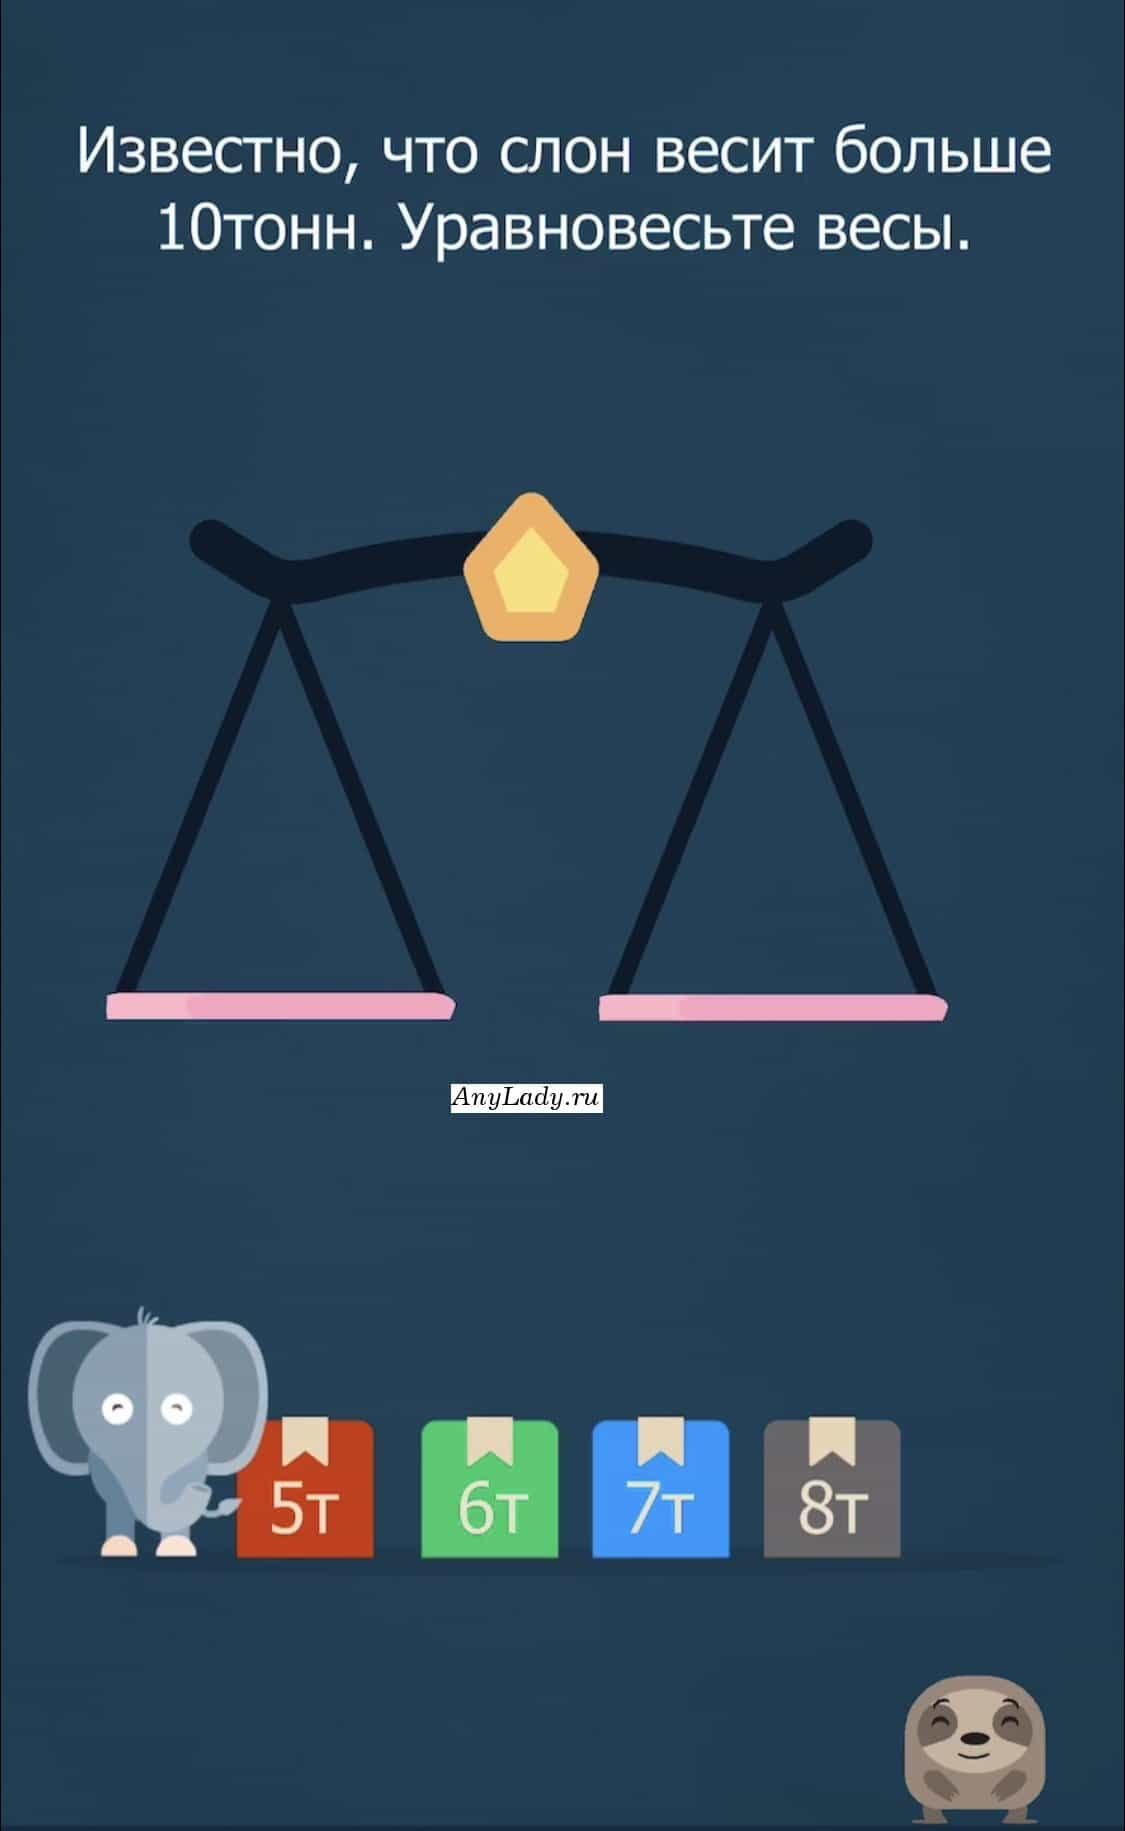 На весах стоит слон весом 10 тонн, спустите его на пол и весы будут равны.